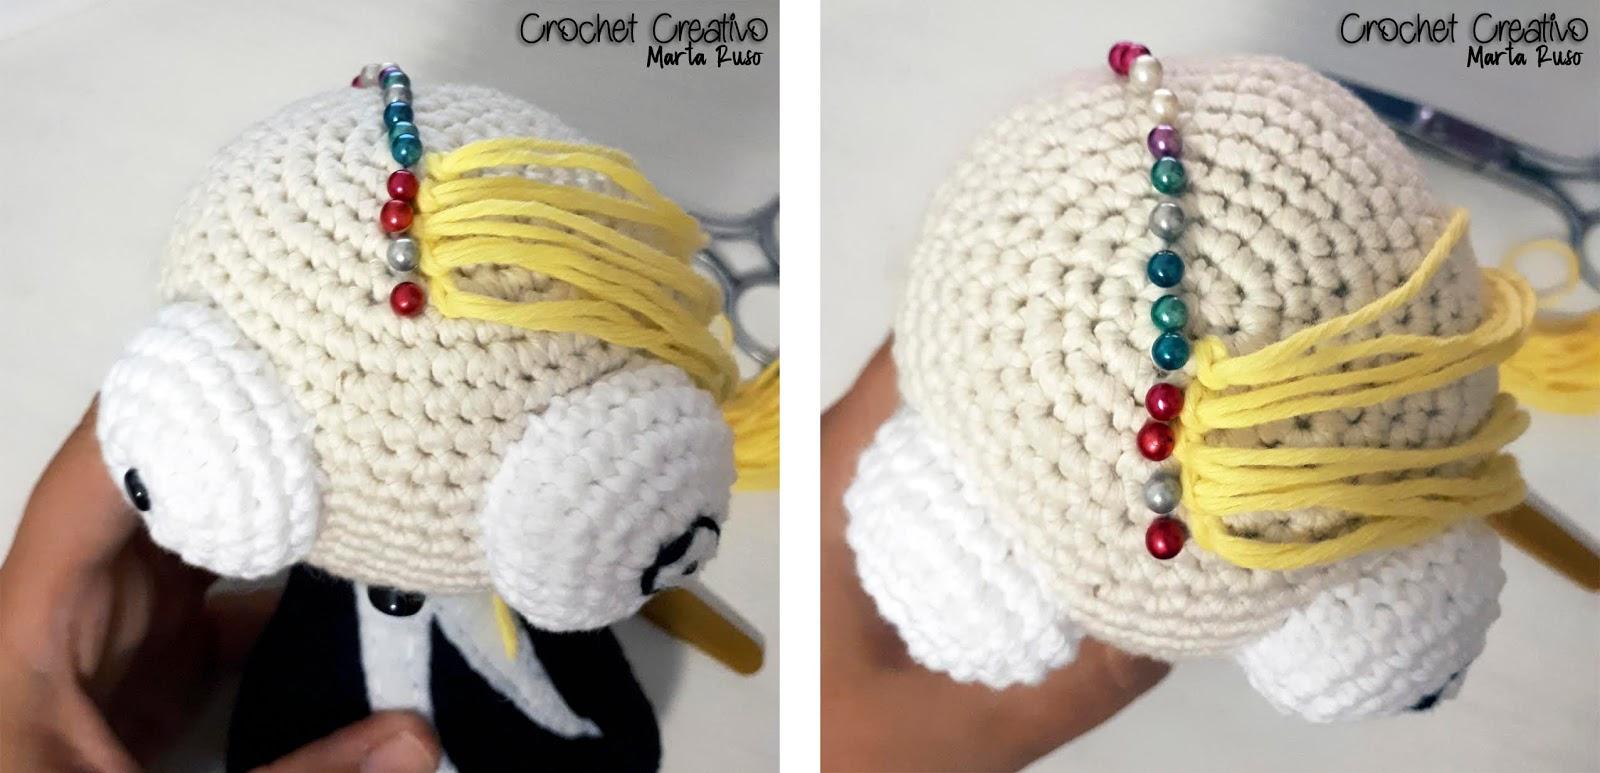 Marta Ruso Crochet Creativo: Lenore #RetoLenore [PATRÓN GRATIS]